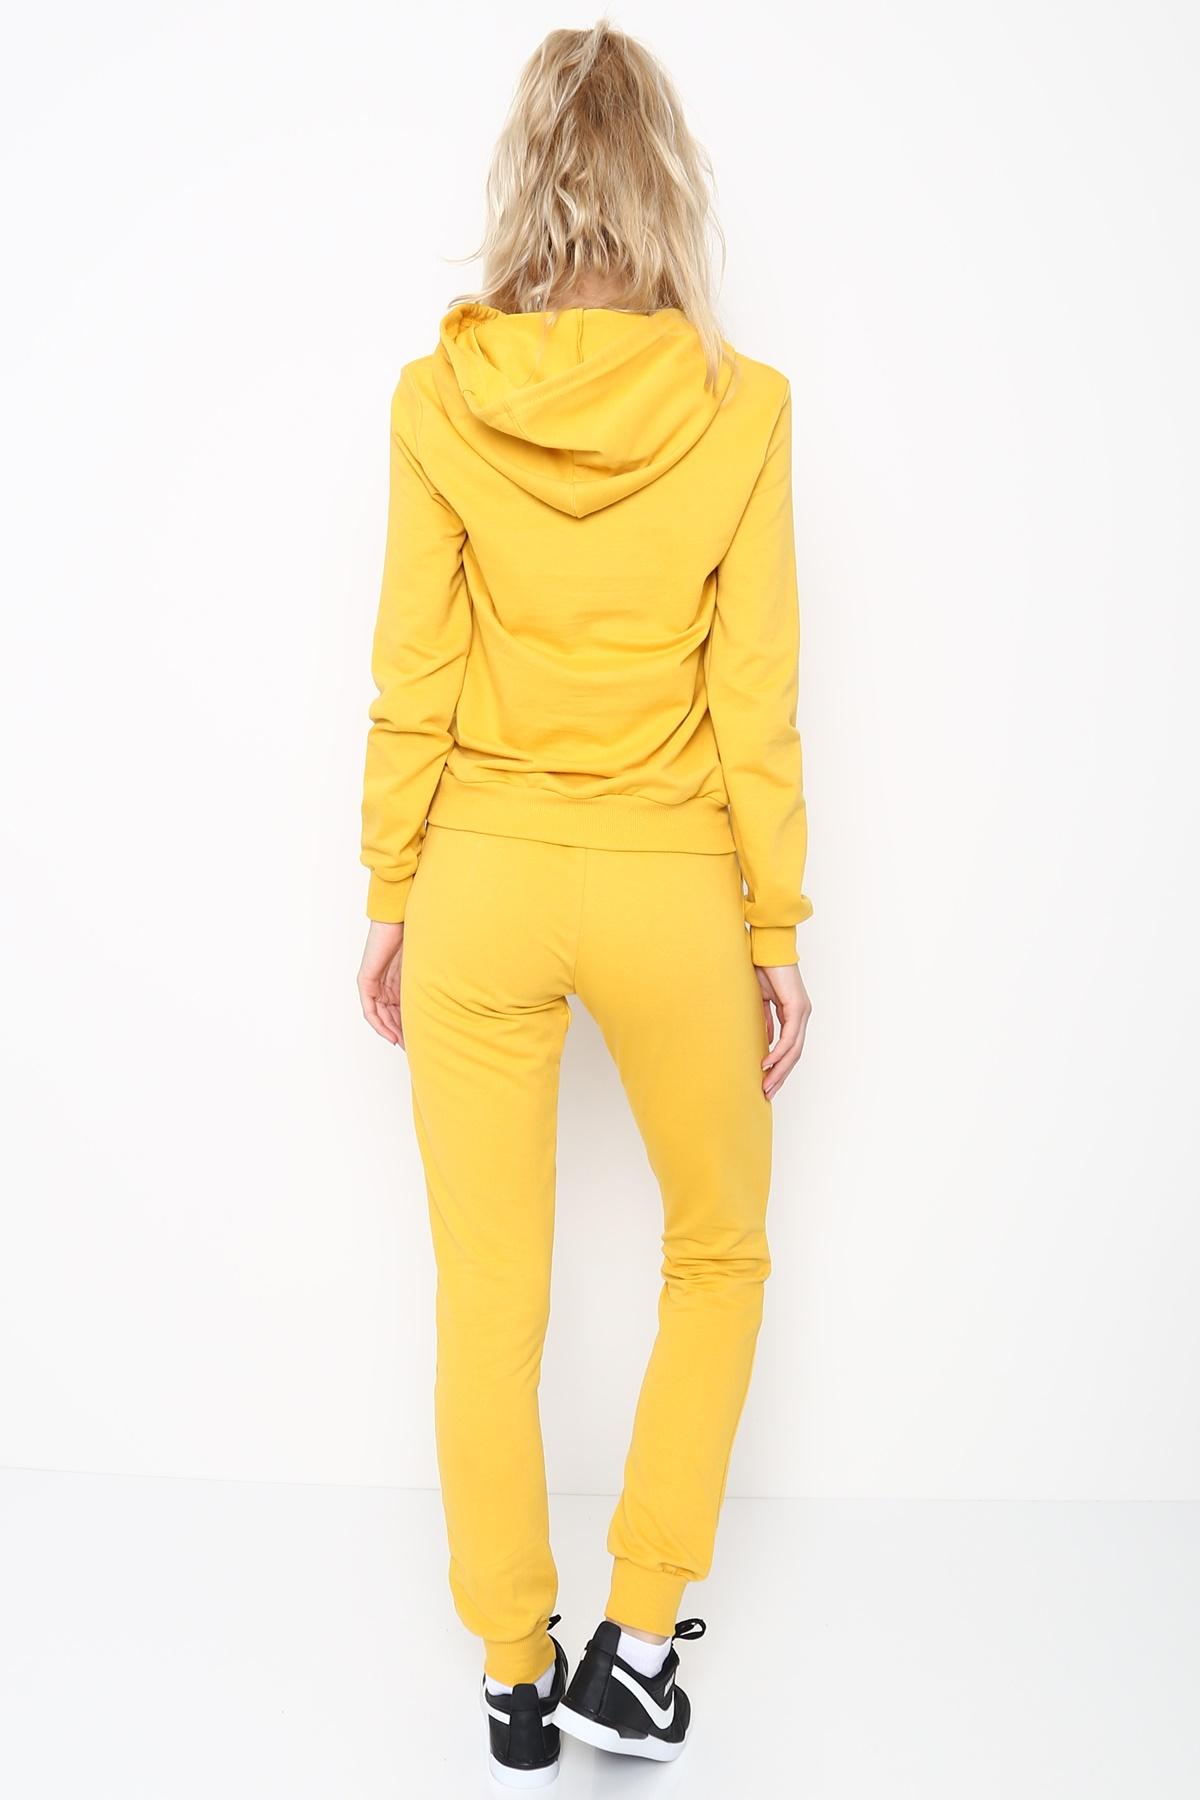 طقم بيجاما رياضية ماركة اديداس  بقبعة لون اصفر